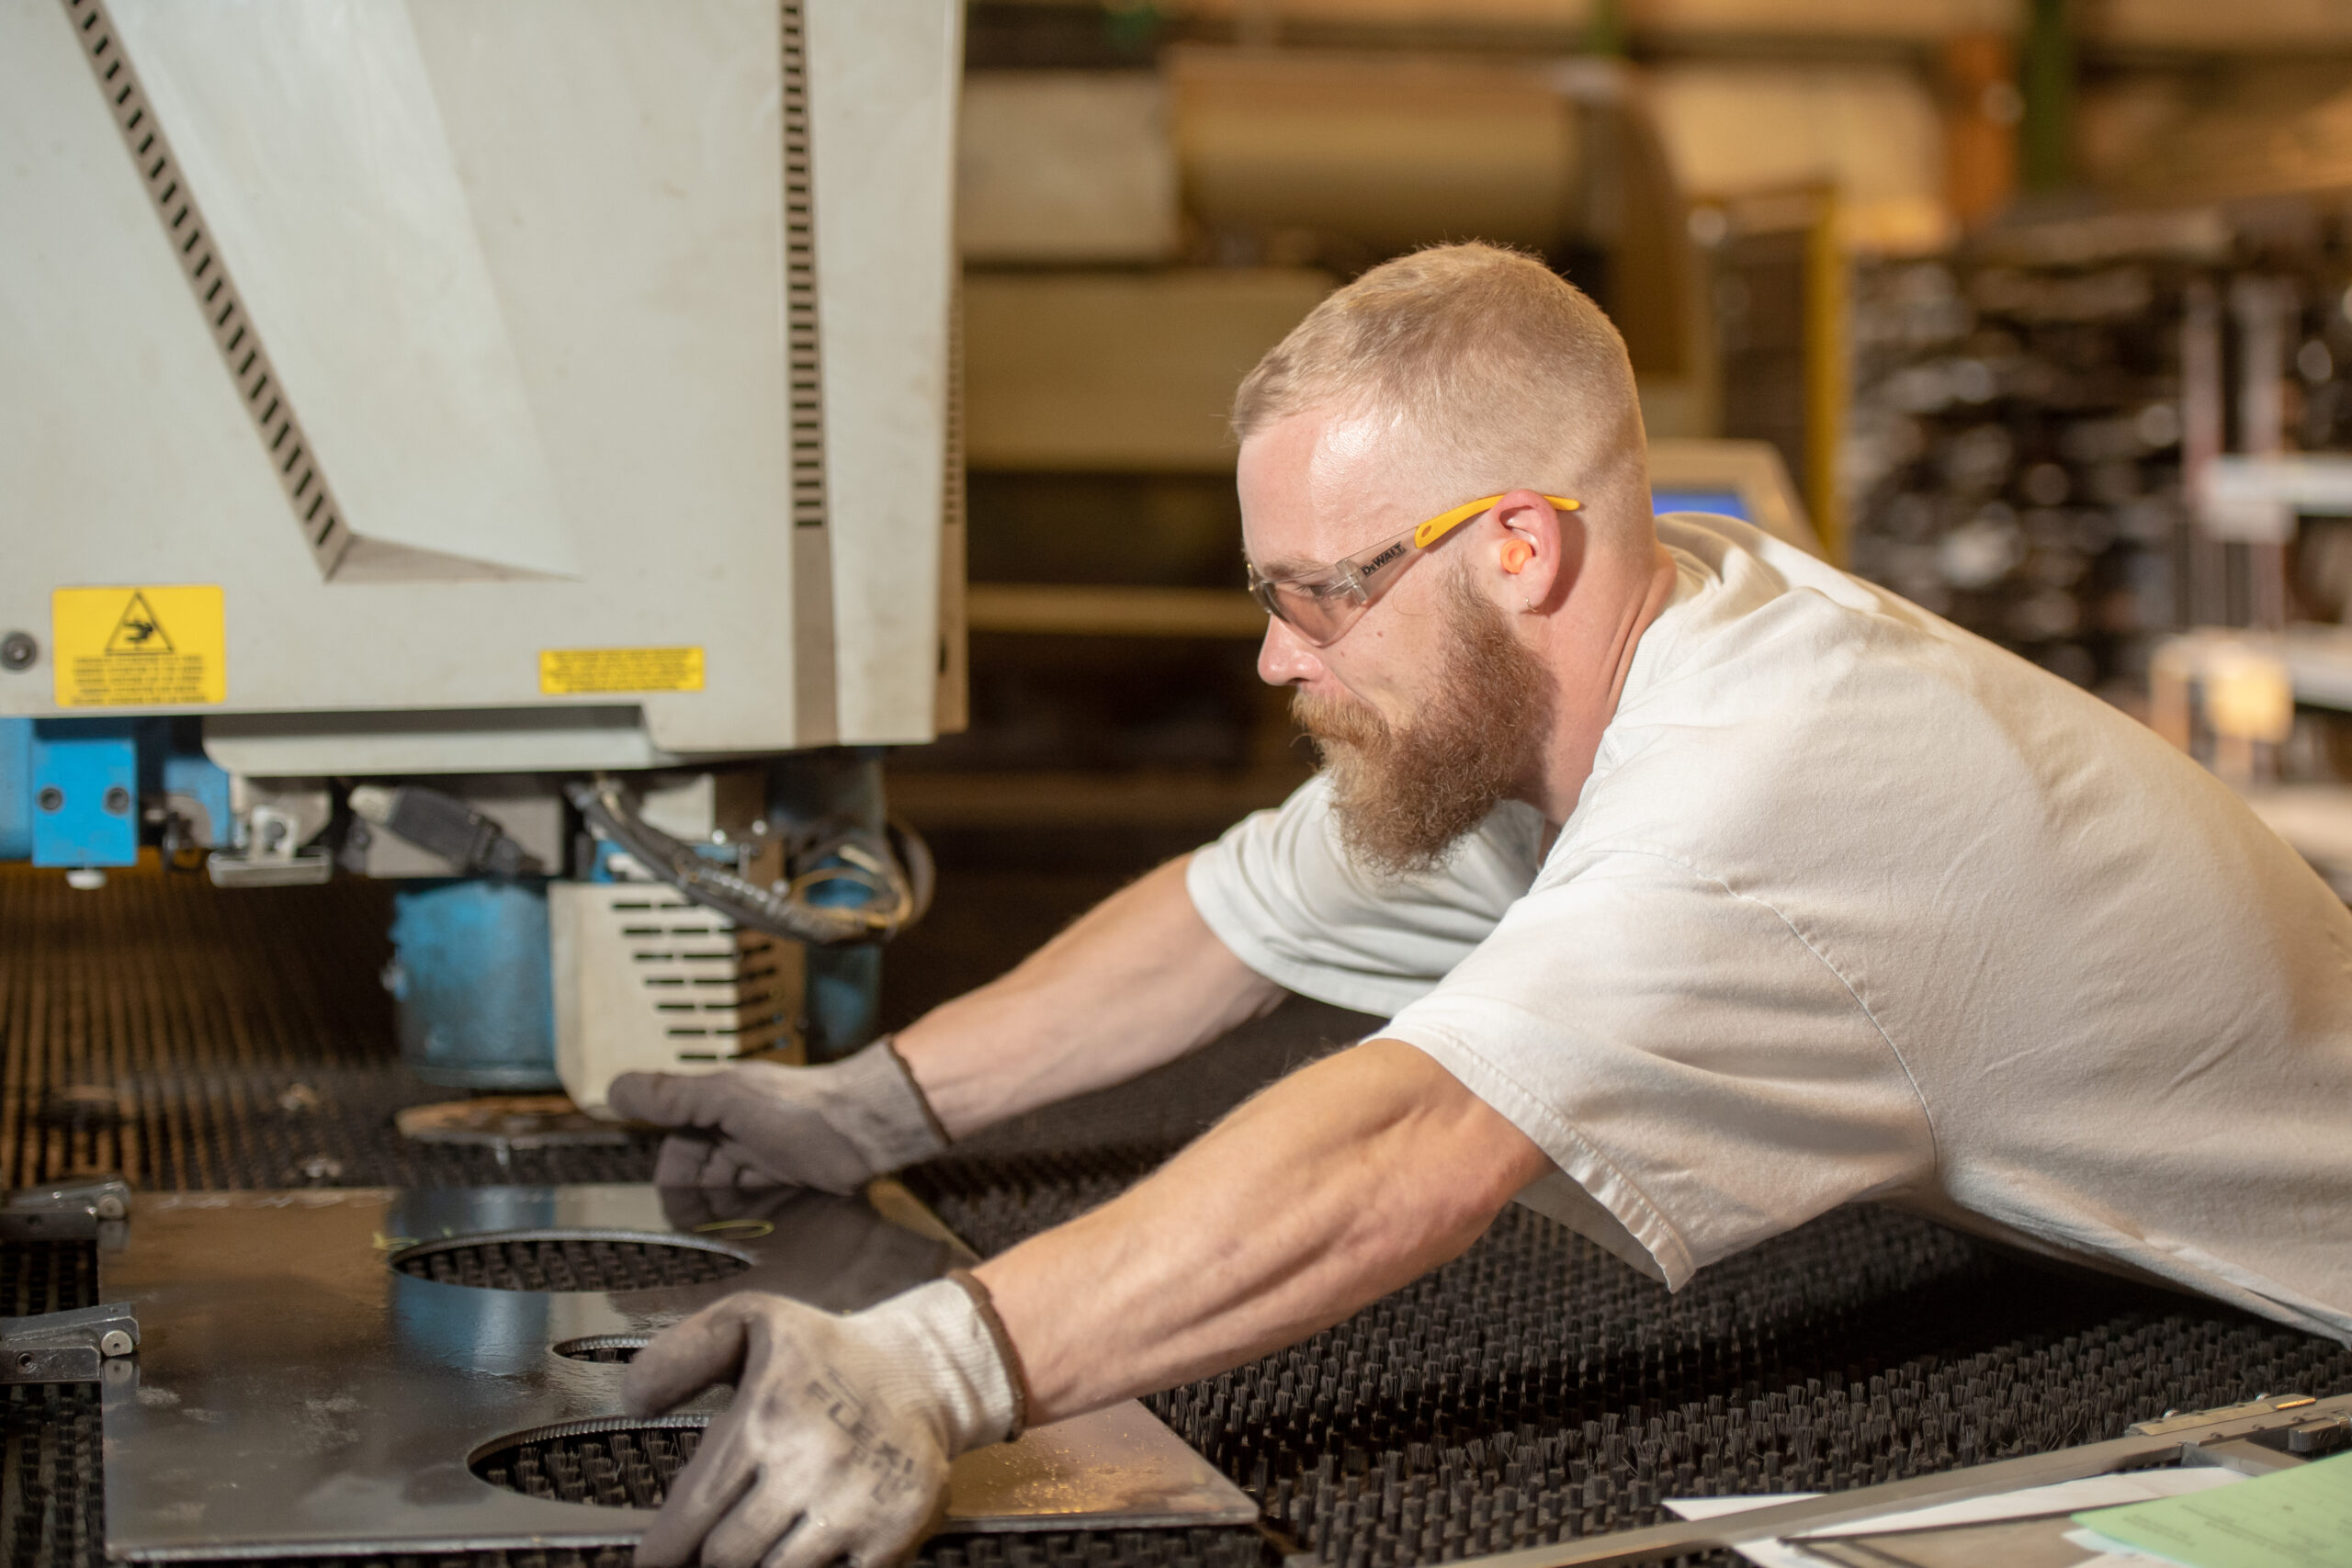 worker running a punch press machine